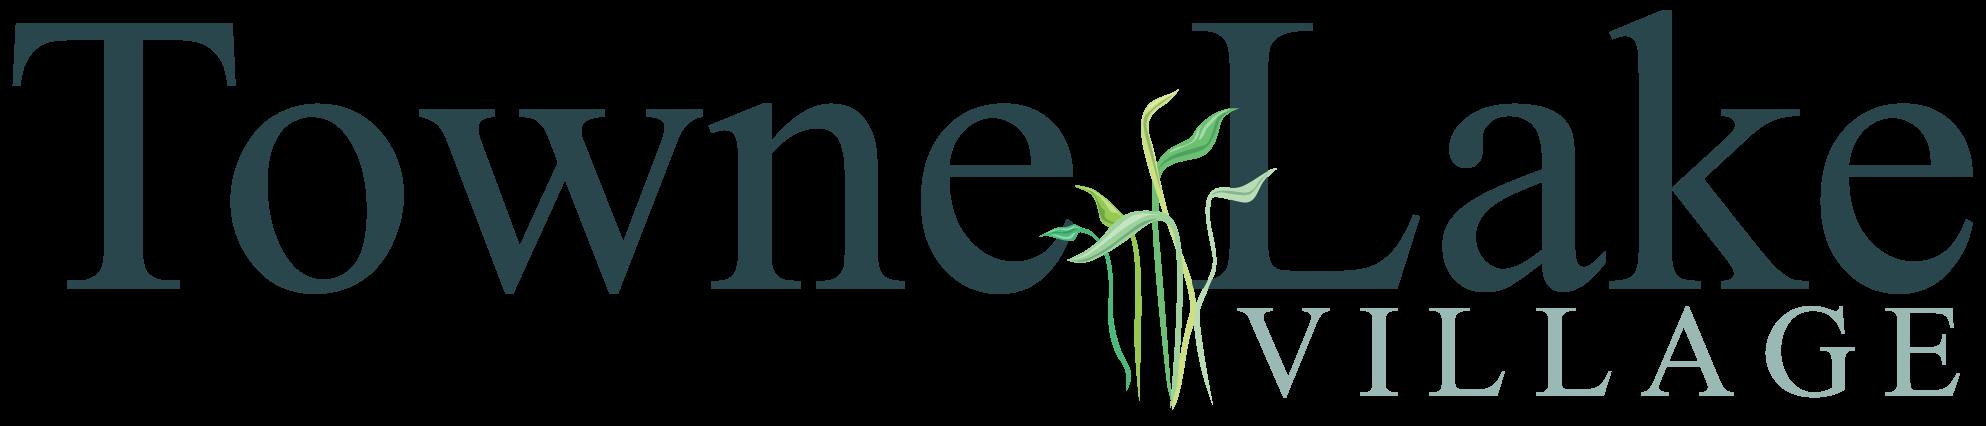 Towne Lake Village Logo